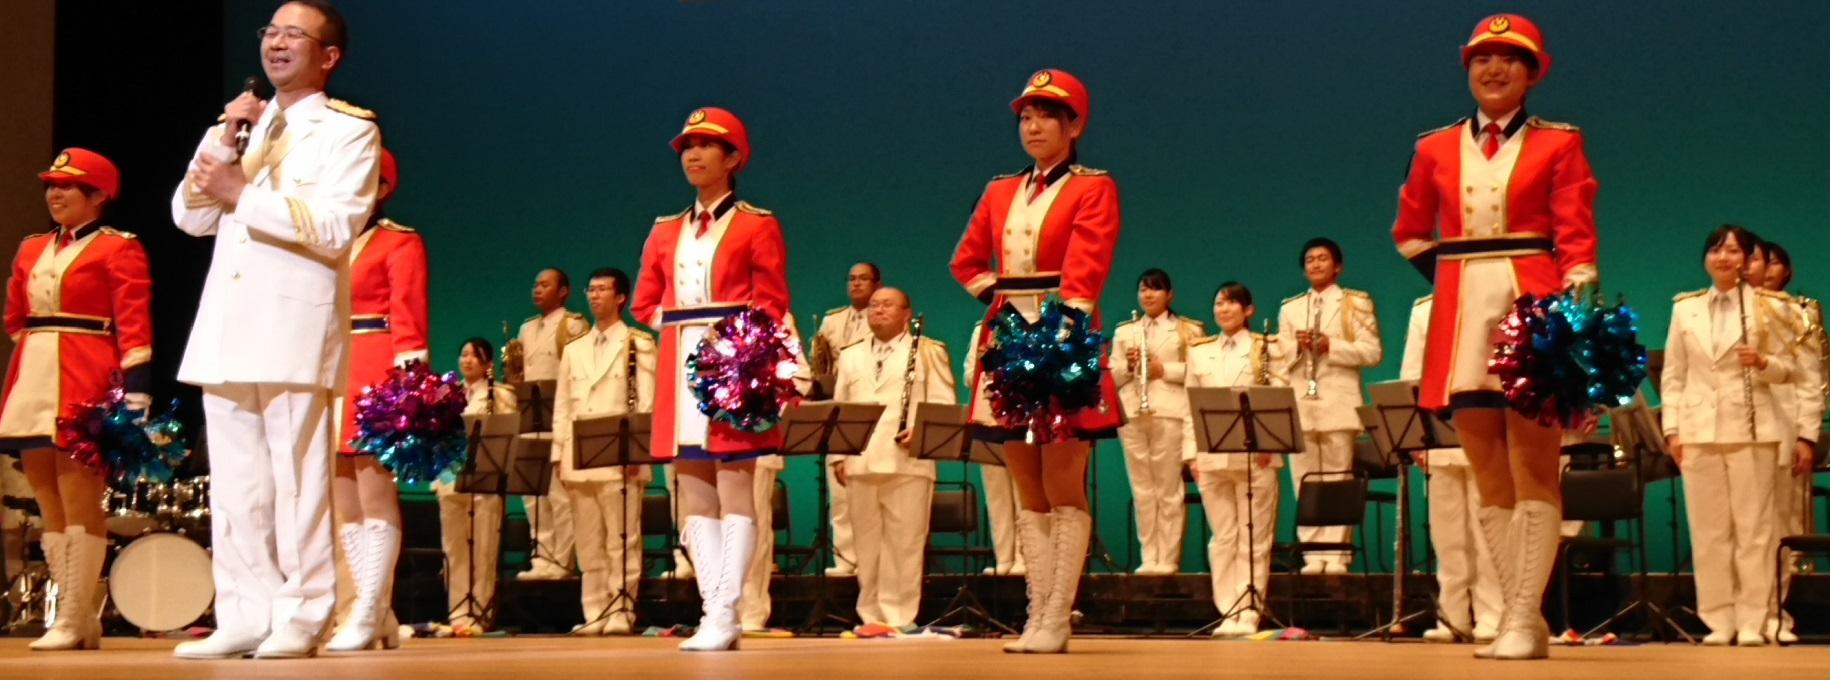 2016.12.10 愛知県警察音楽隊ふれ愛コンサート (2) 1830-680